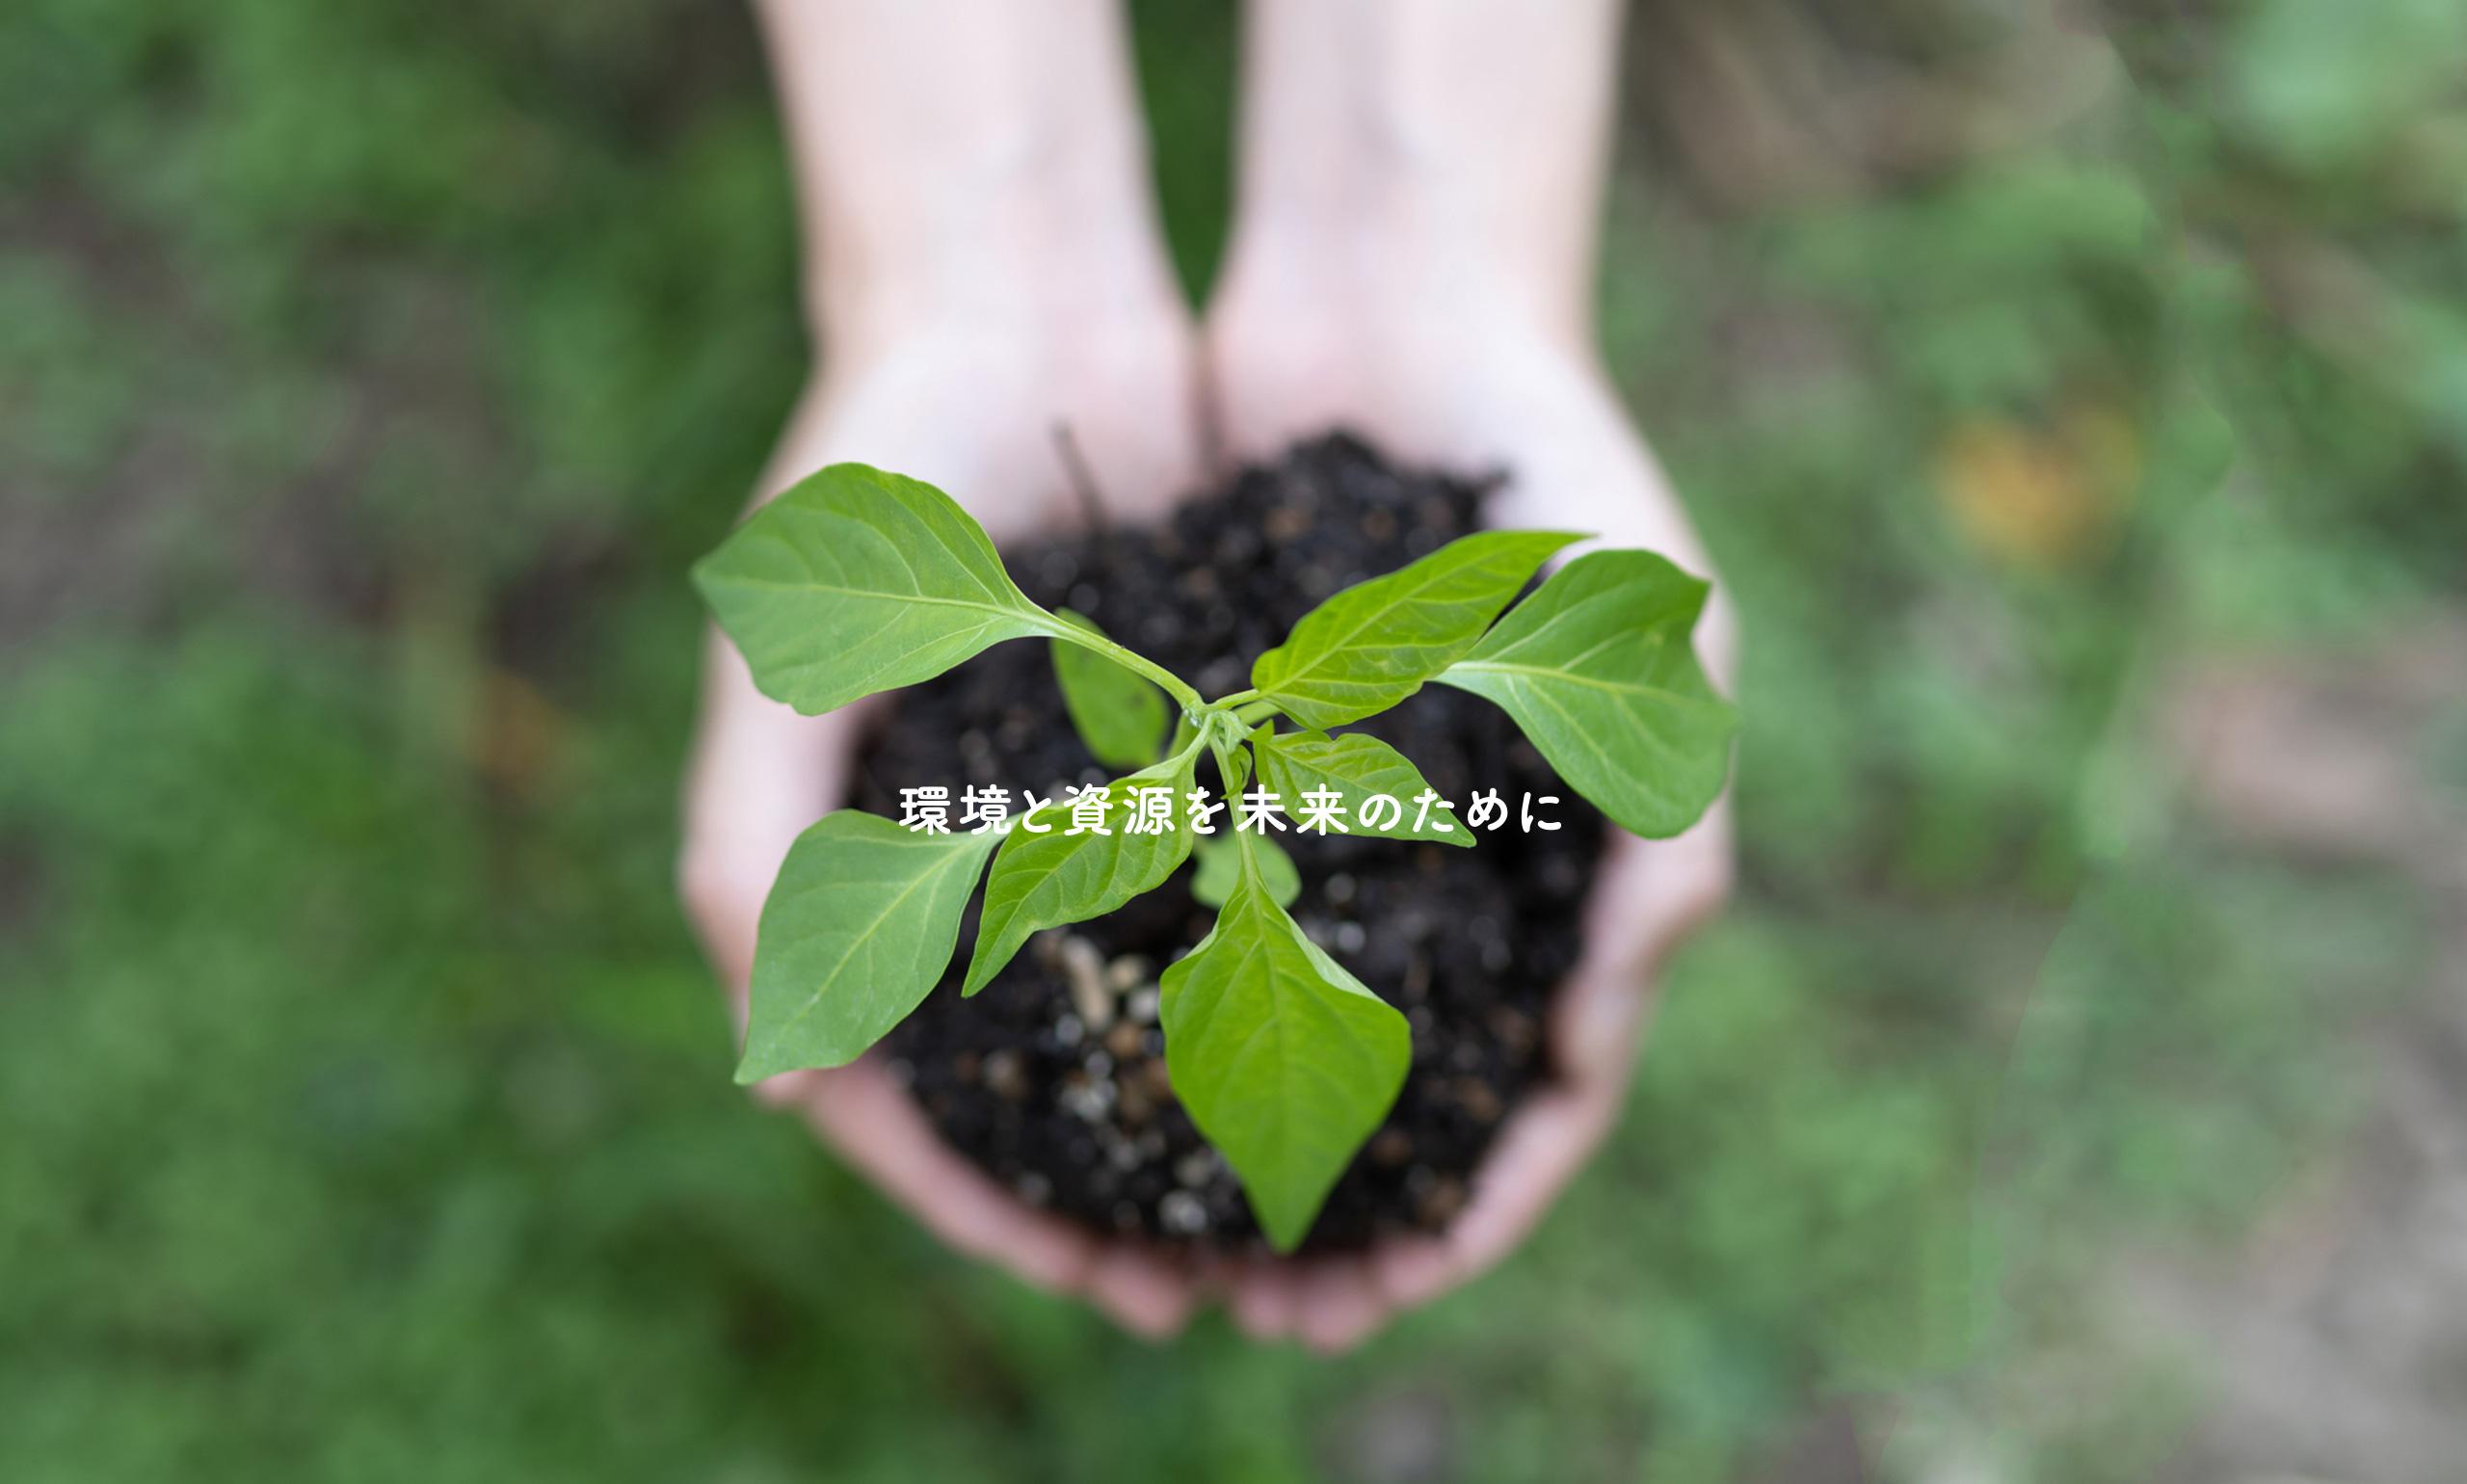 環境と資源を未来のために